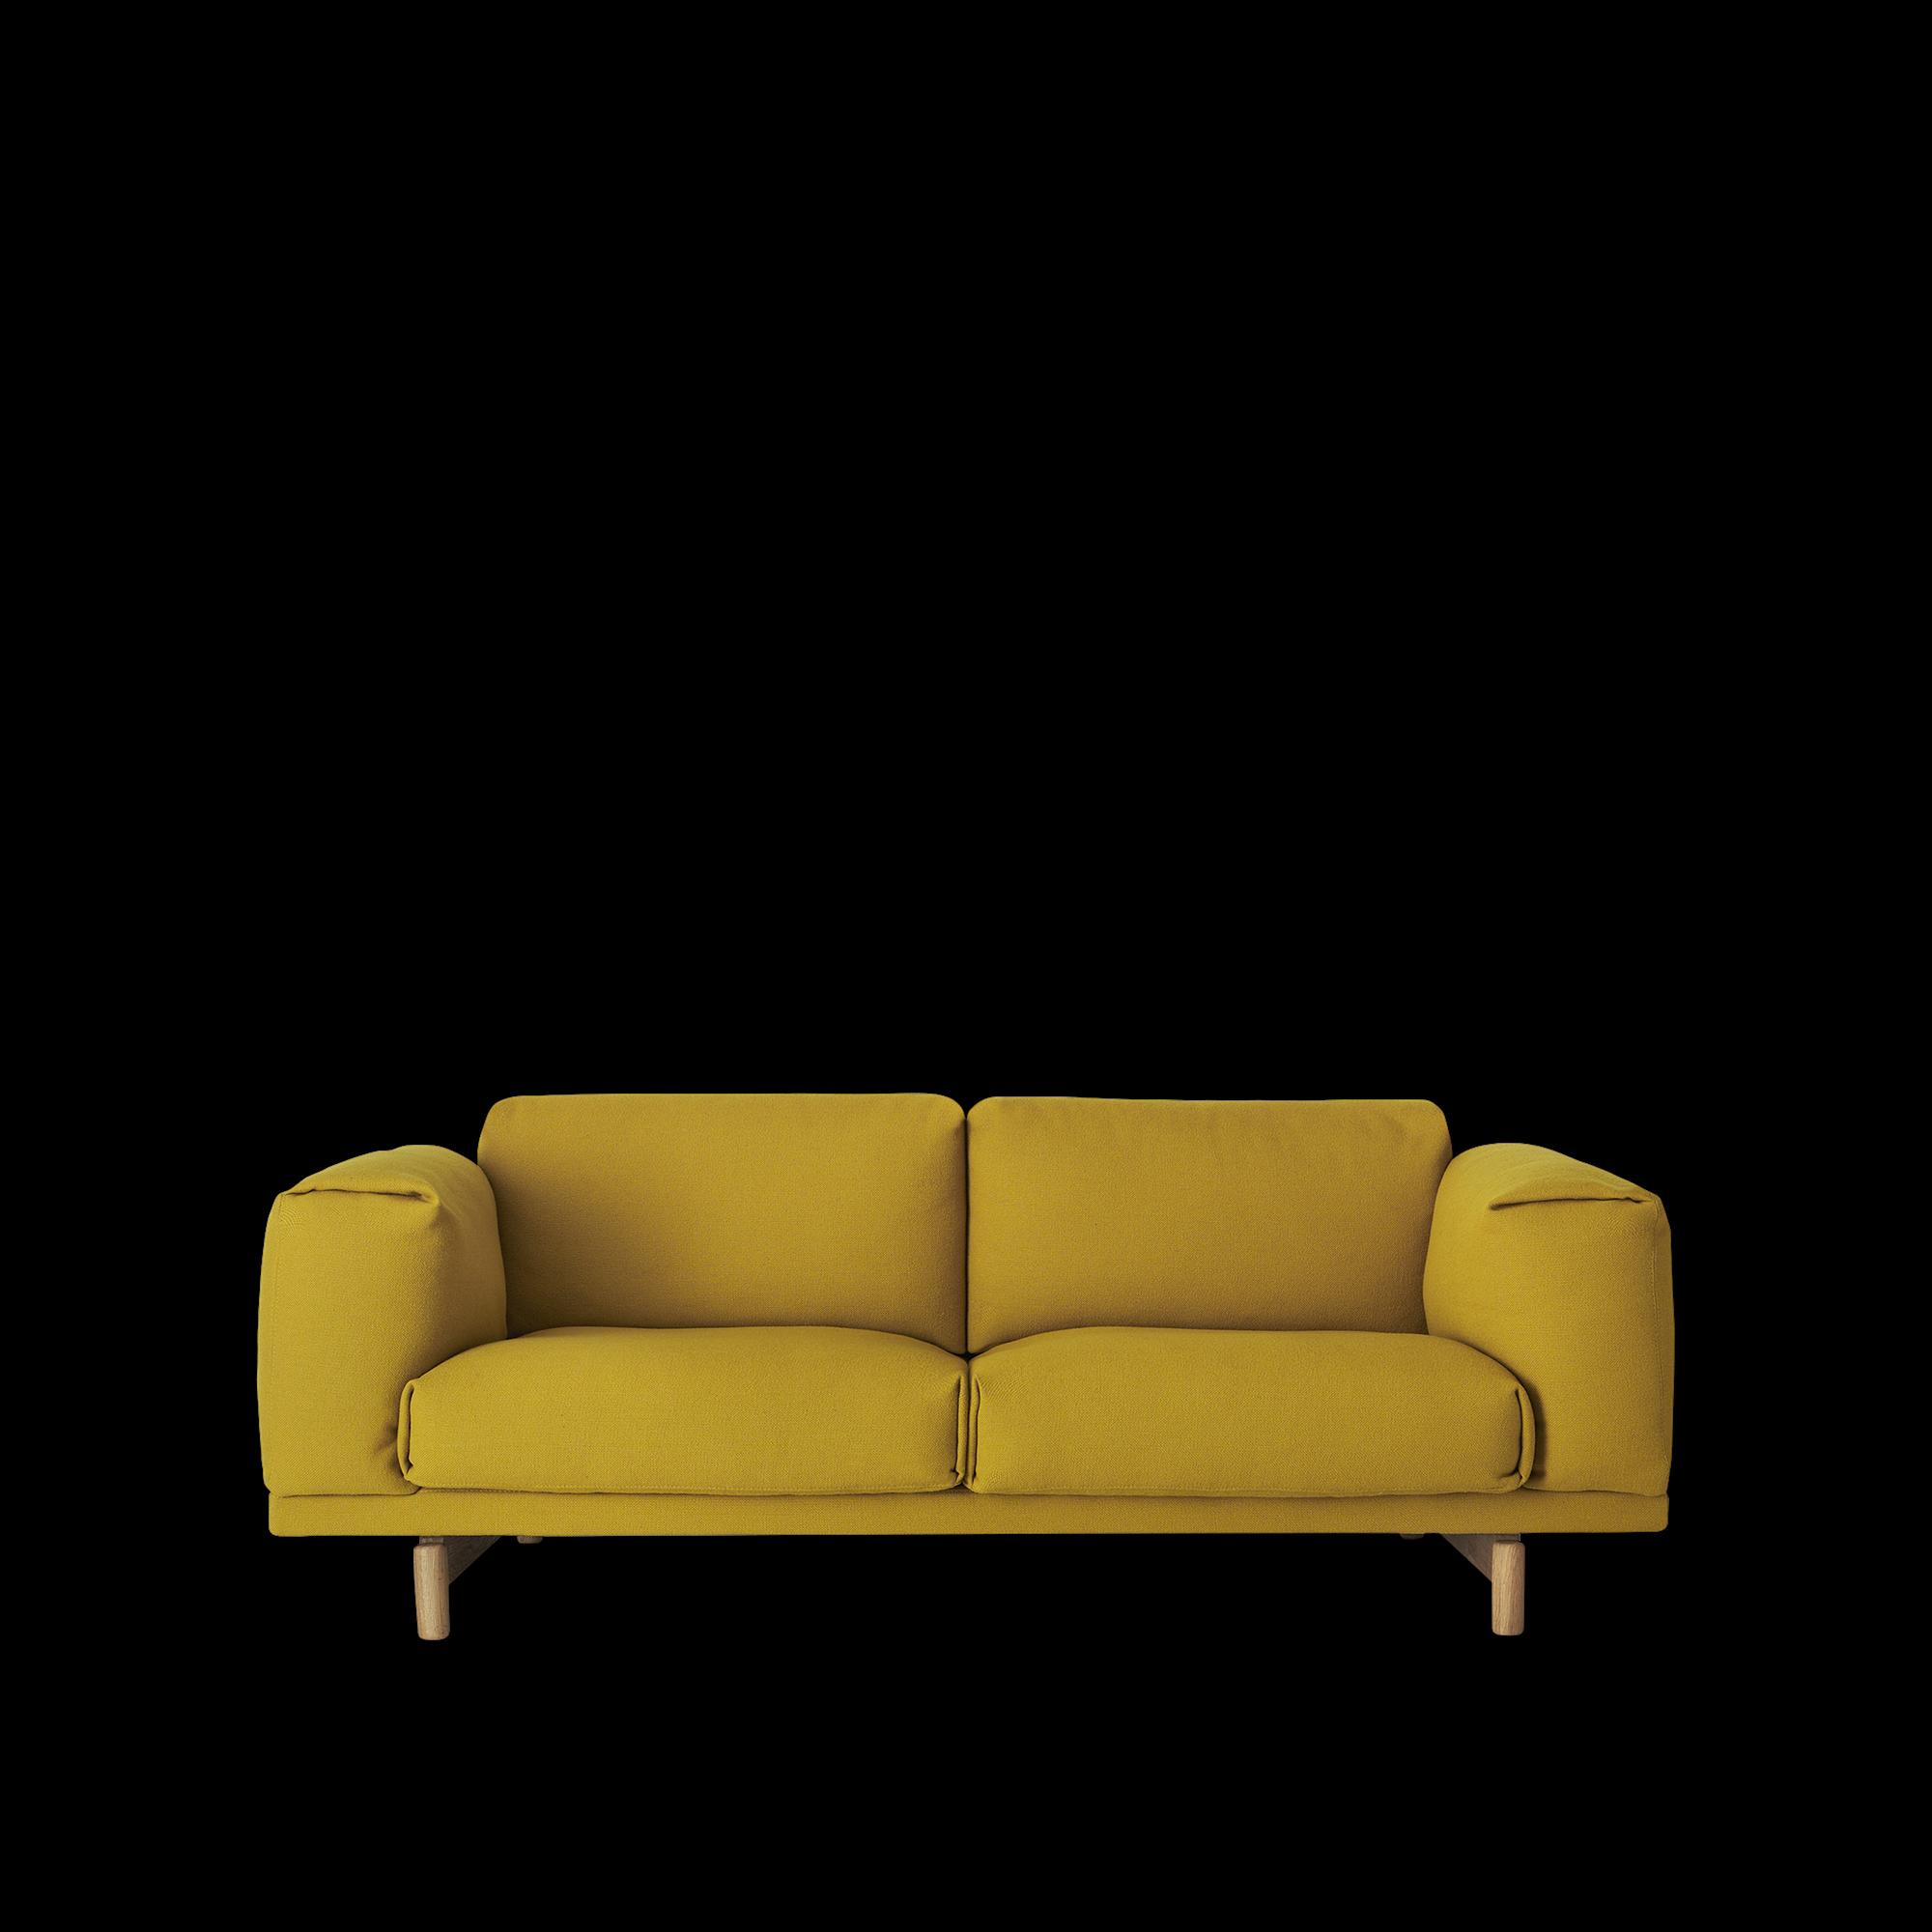 Full Size of Muuto Sofa Rest Stilecht Zweisitzer Modernes Mega Recamiere Polster Reinigen Creme Kleines überwurf Konfigurator Ecksofa Garten Grau Weiß Sofa Muuto Sofa